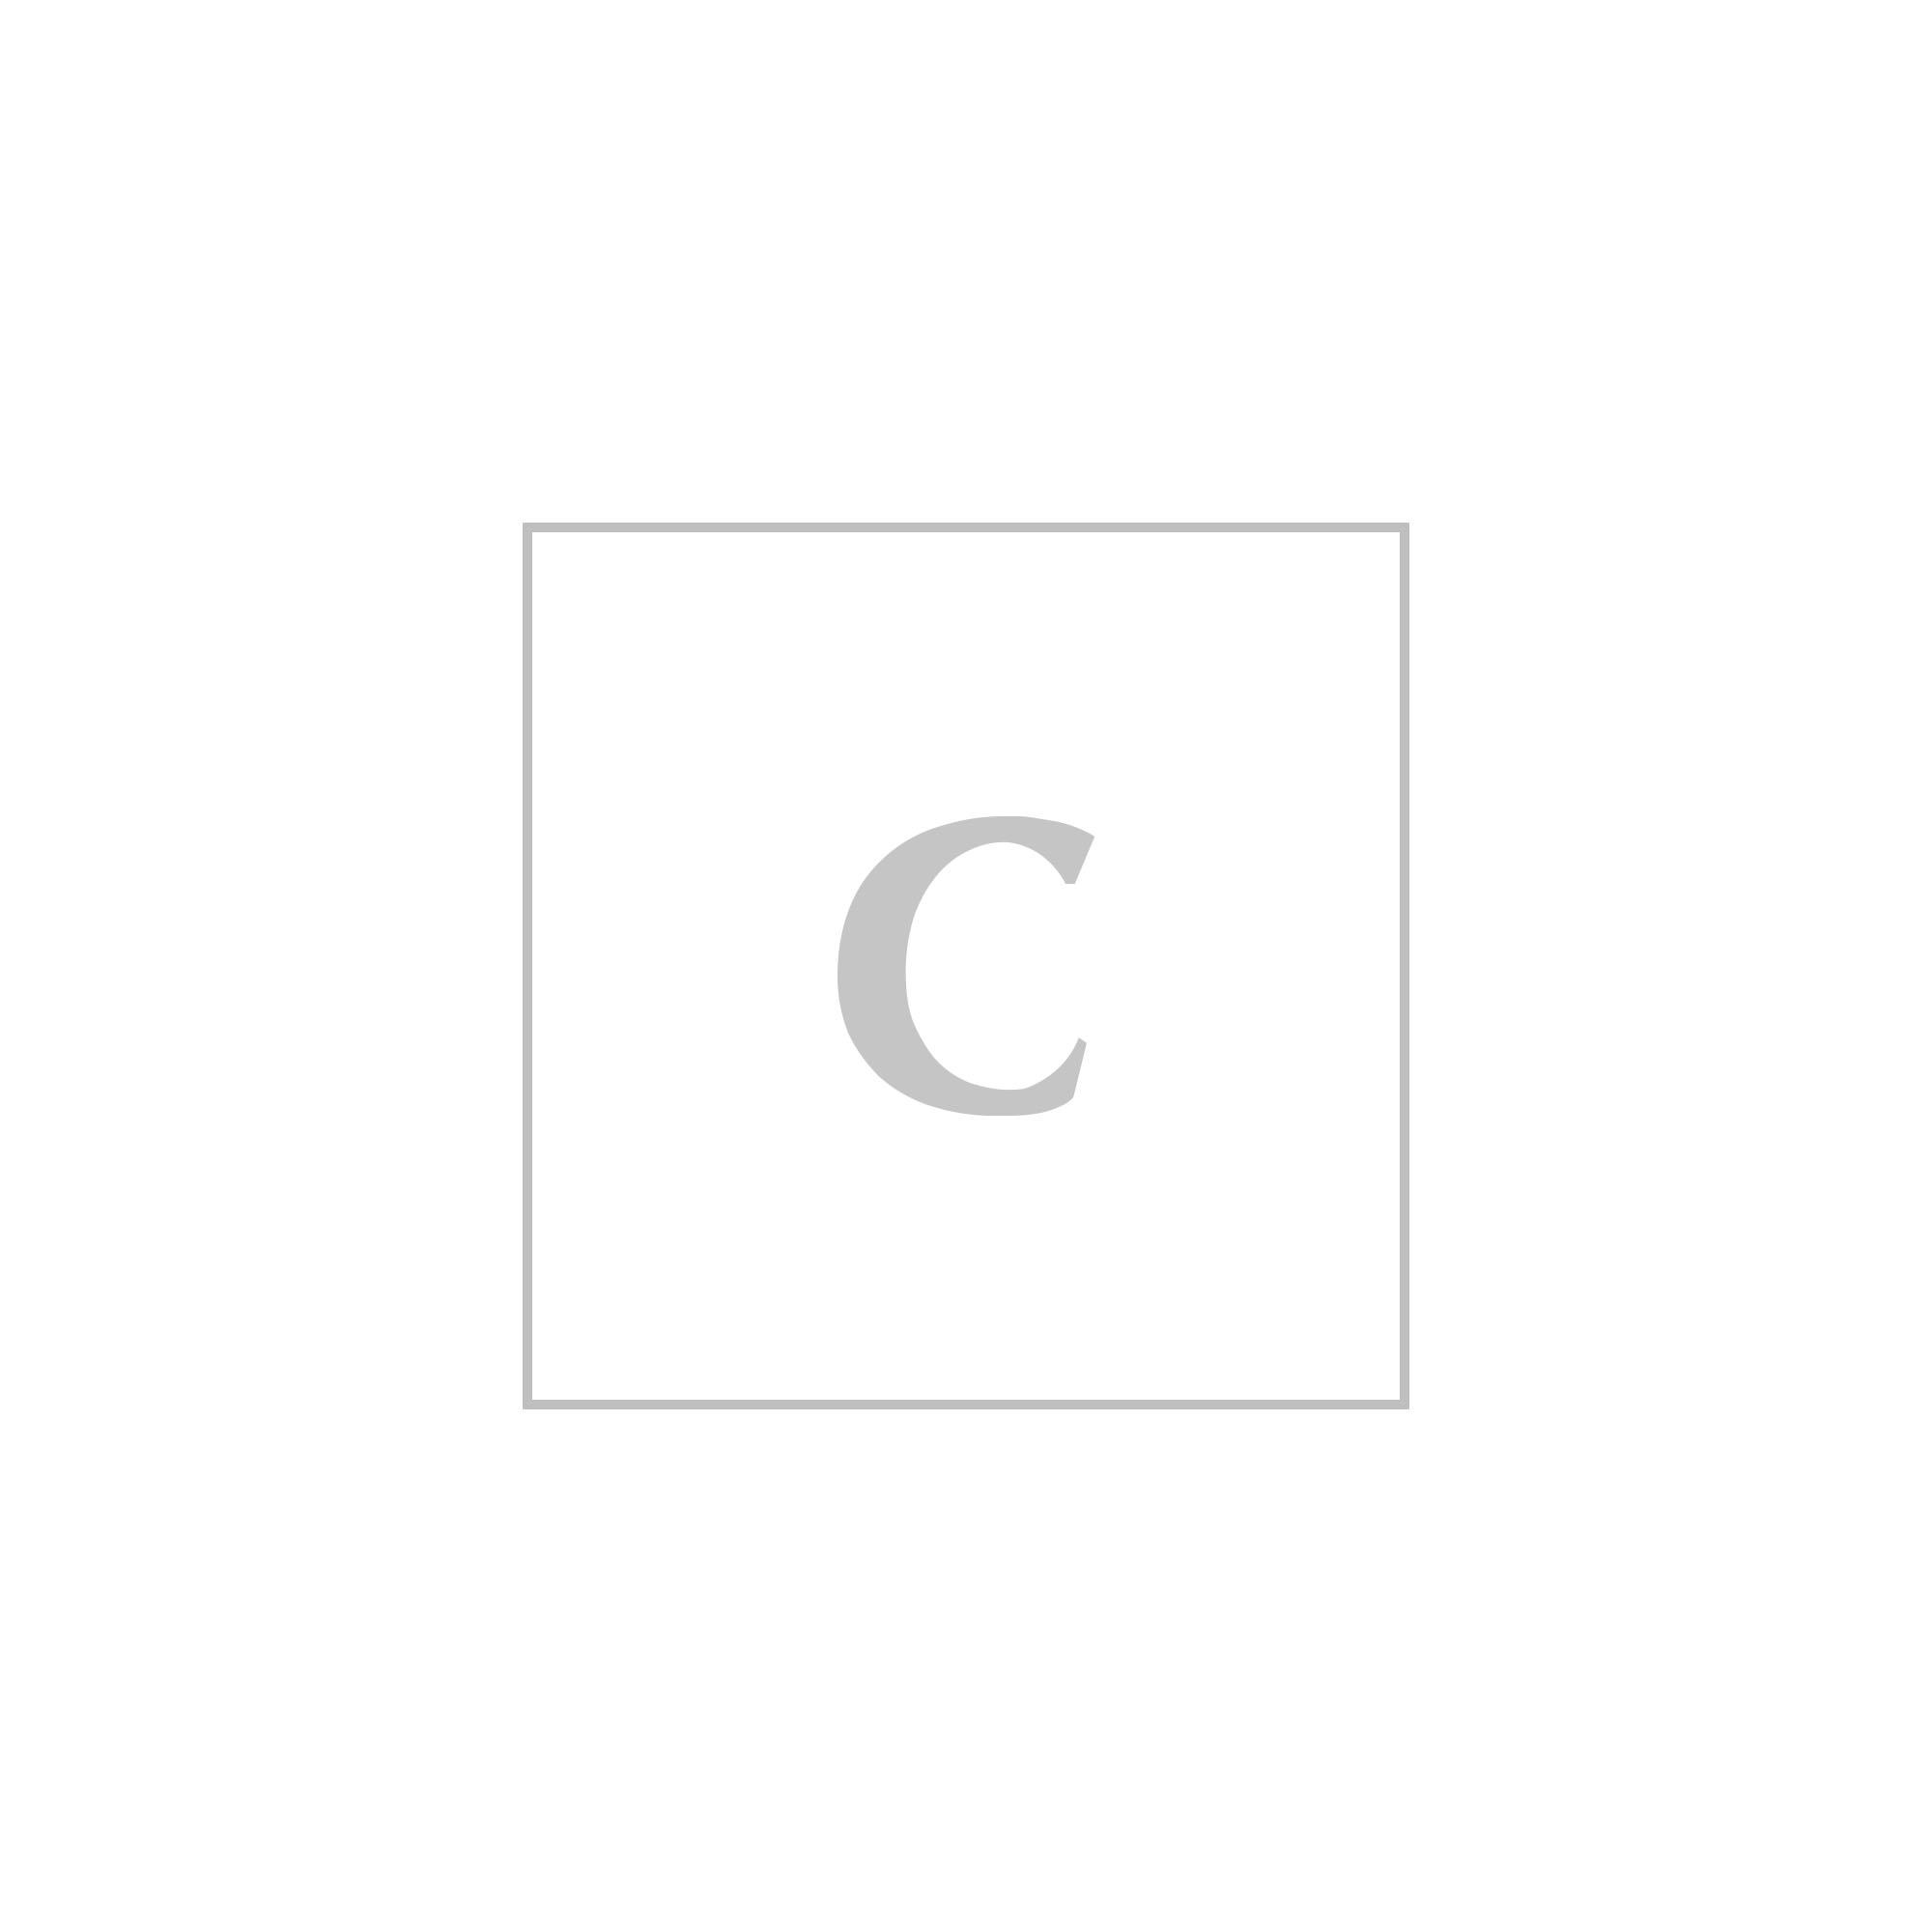 Salvatore ferragamo p.foglio 22b481 117 tissu soft squadrato